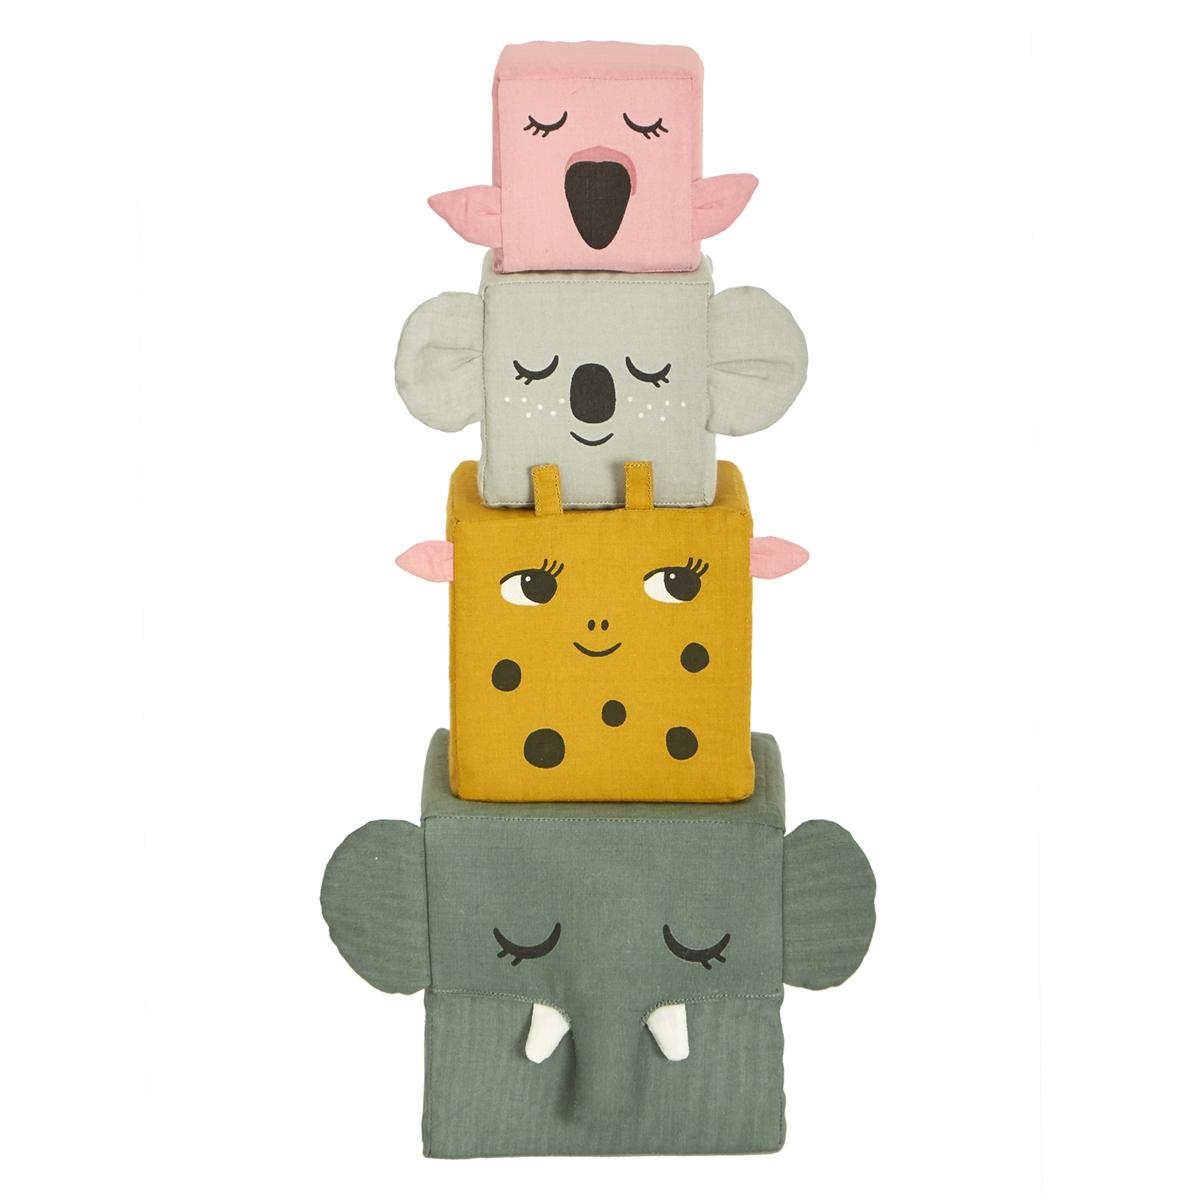 Mes premiers jouets Cubes en Tissu Les Animaux de la Jungle Cubes en Tissu Les Animaux de la Jungle